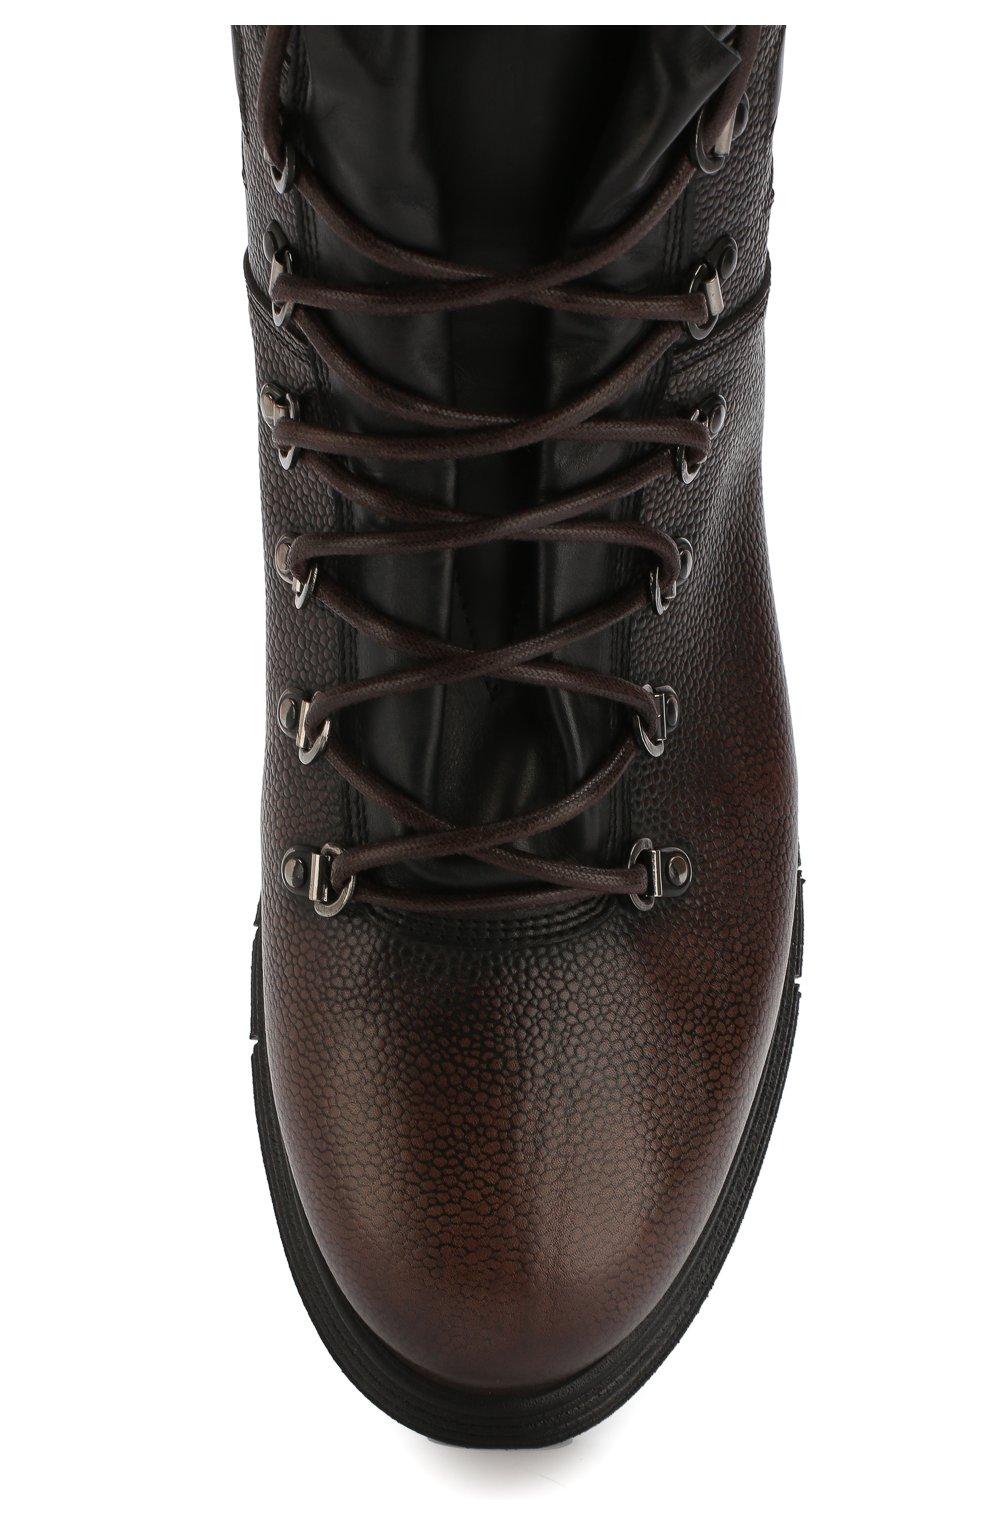 d2aaa5f79 Высокие кожаные ботинки на шнуровке с внутренней меховой отделкой W.Gibbs  темно-коричневые